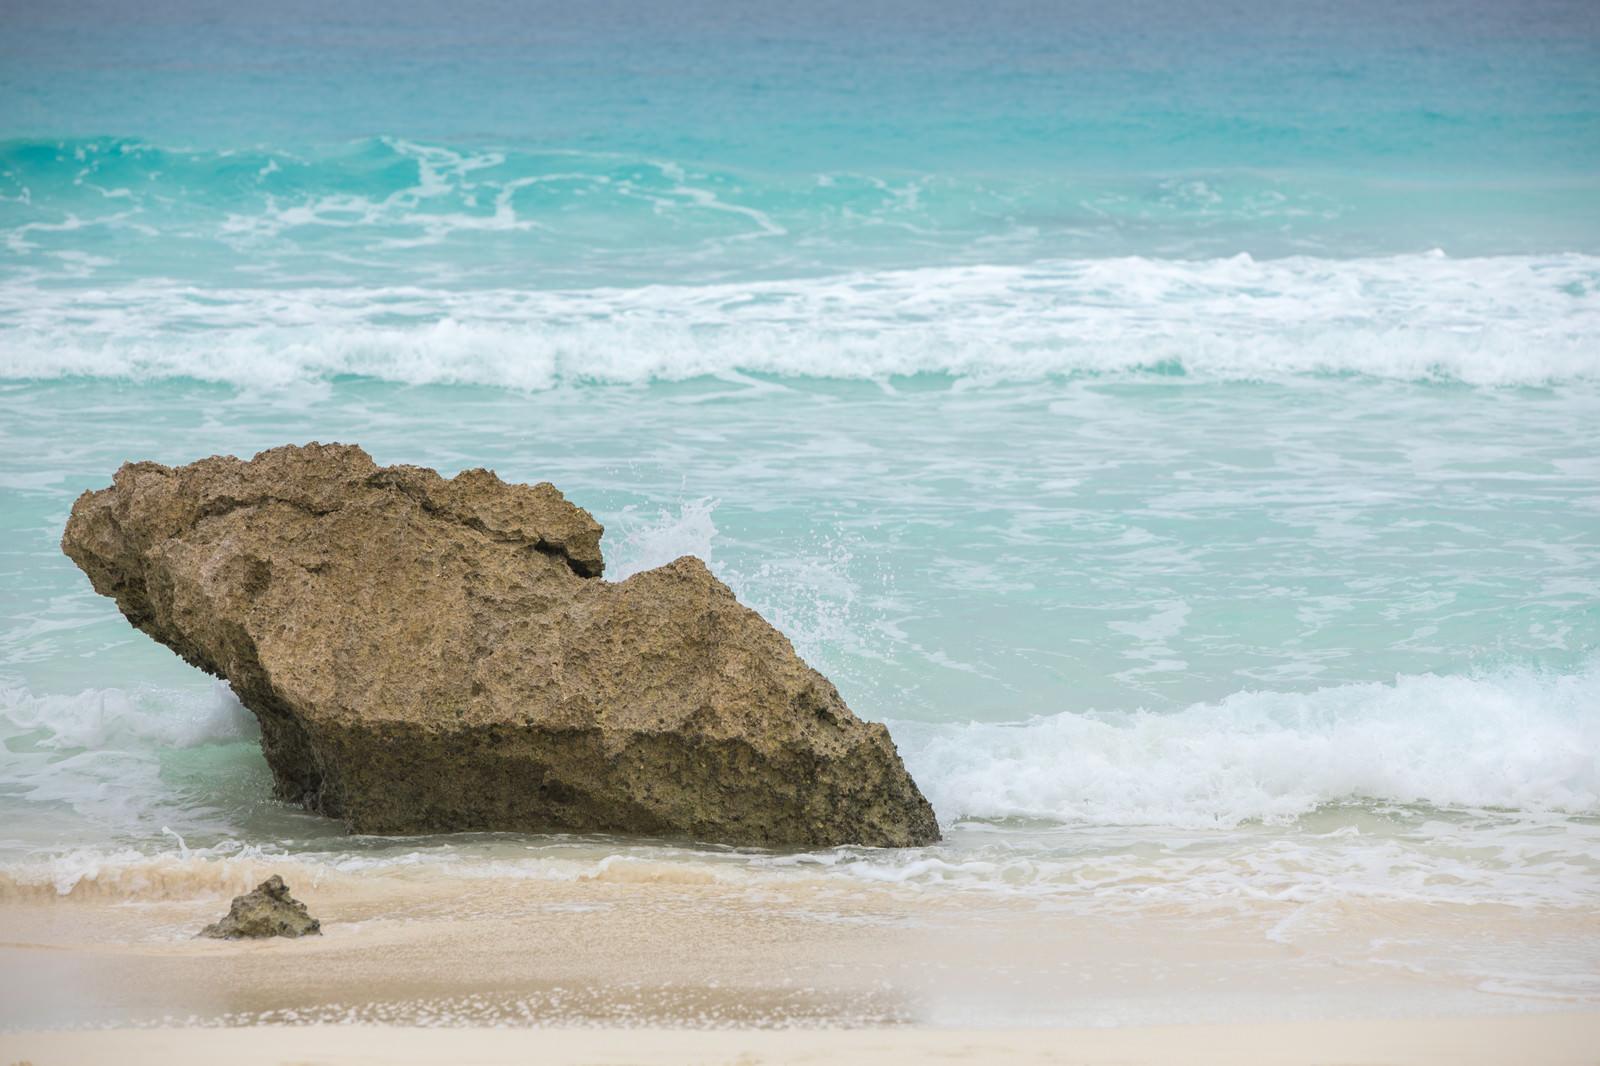 「波打ち際と岩」の写真